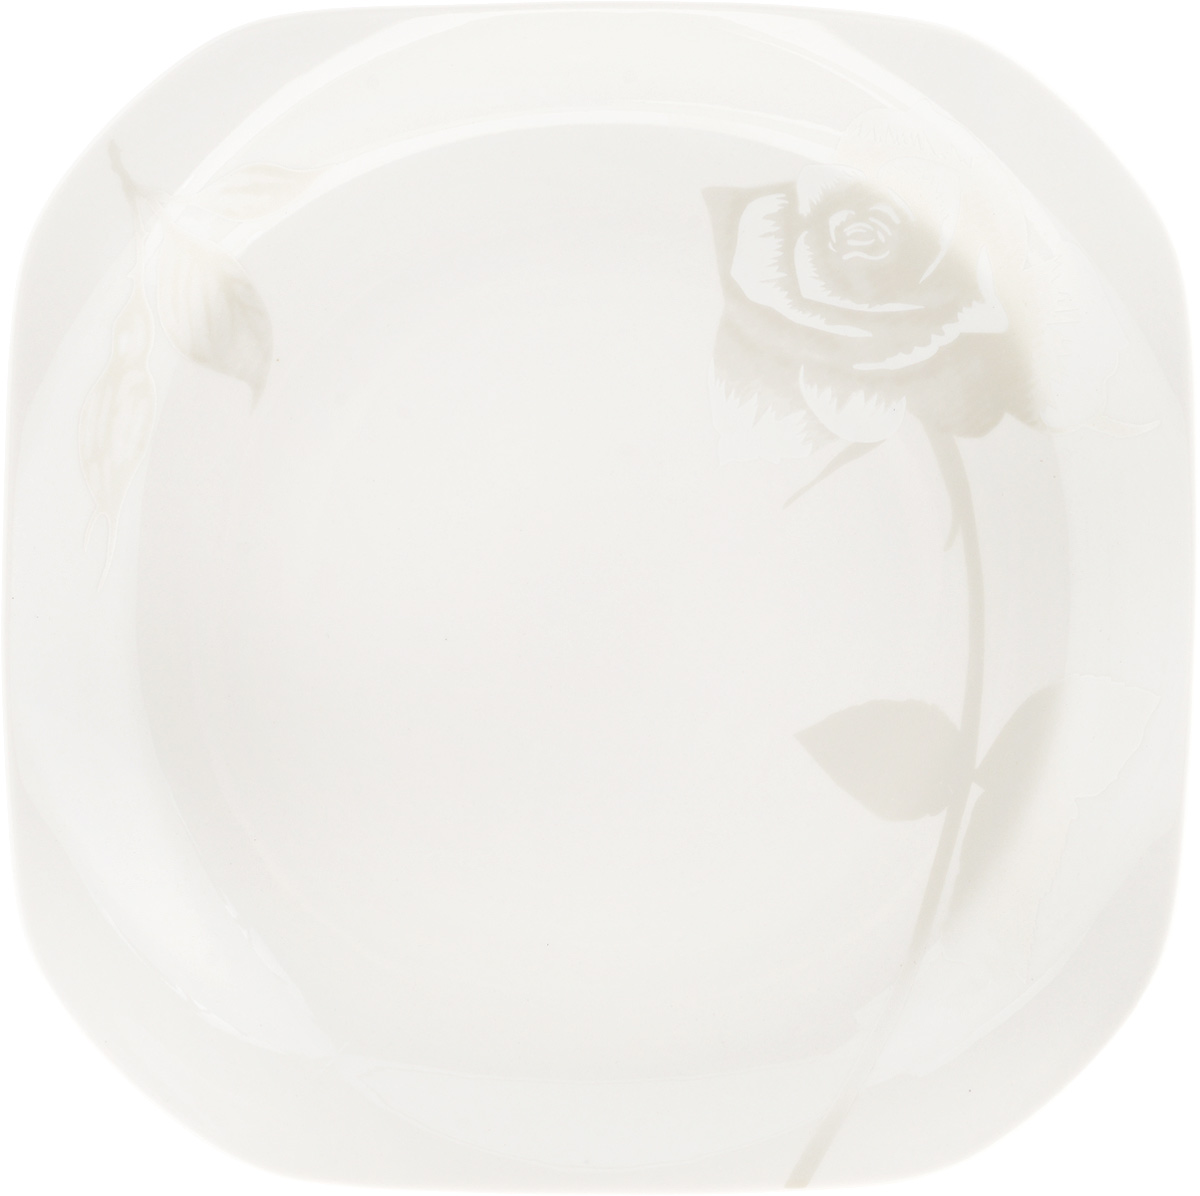 Тарелка подстановочная Жемчужная роза, 23,5 x 23,5 см115510Тарелка Жемчужная роза изготовлена из глазурованного фарфора. Подстановочнаятарелка - это особый вид тарелок. Обычно она выполняет исключительнодекоративную функцию.Такая тарелка изысканно украсит сервировку как обеденного, так и праздничногостола. Размер тарелки: 23,5 x 23,5 см.